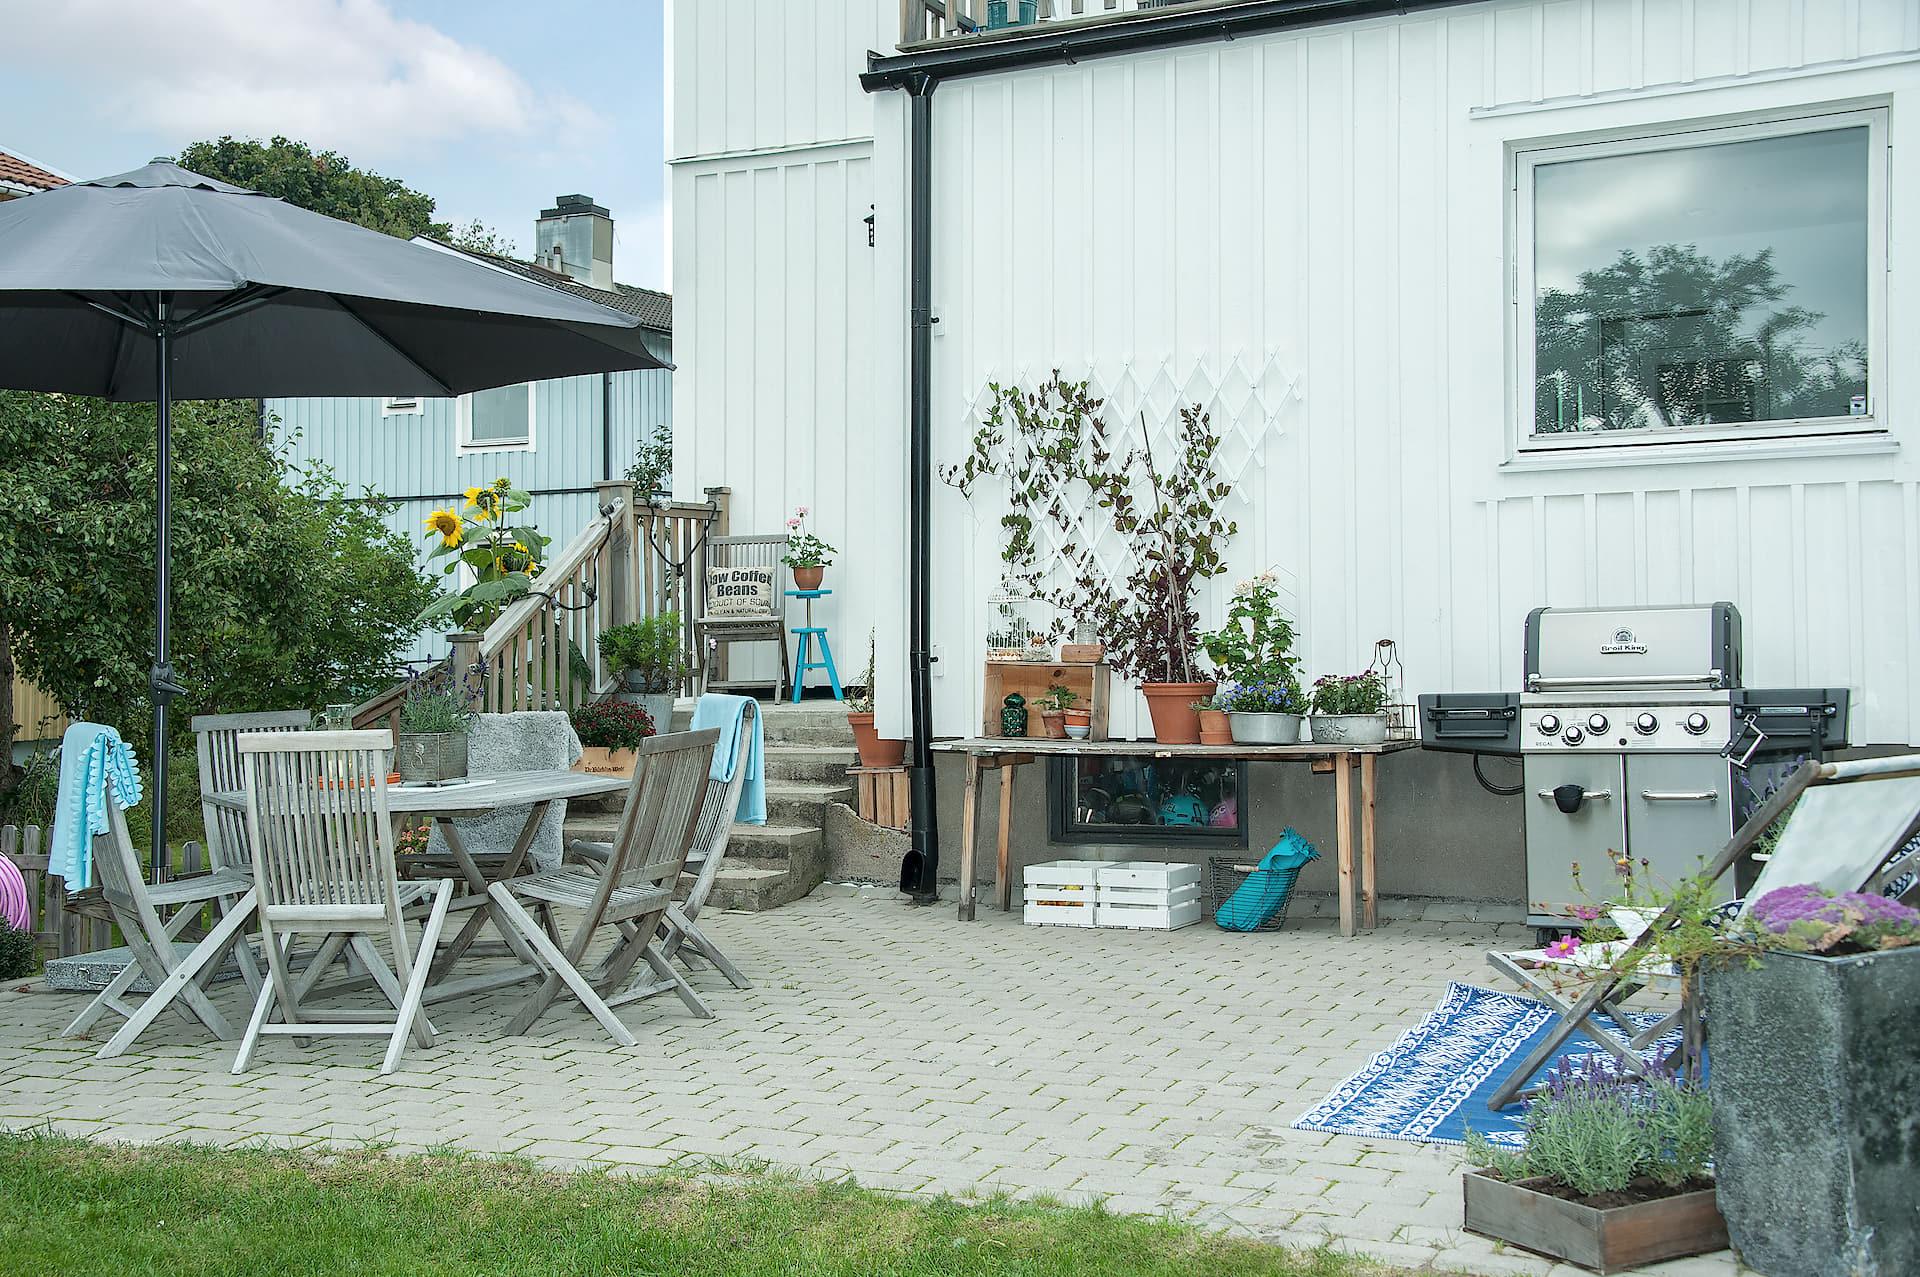 терраса плитка садовая мебель зонт гриль